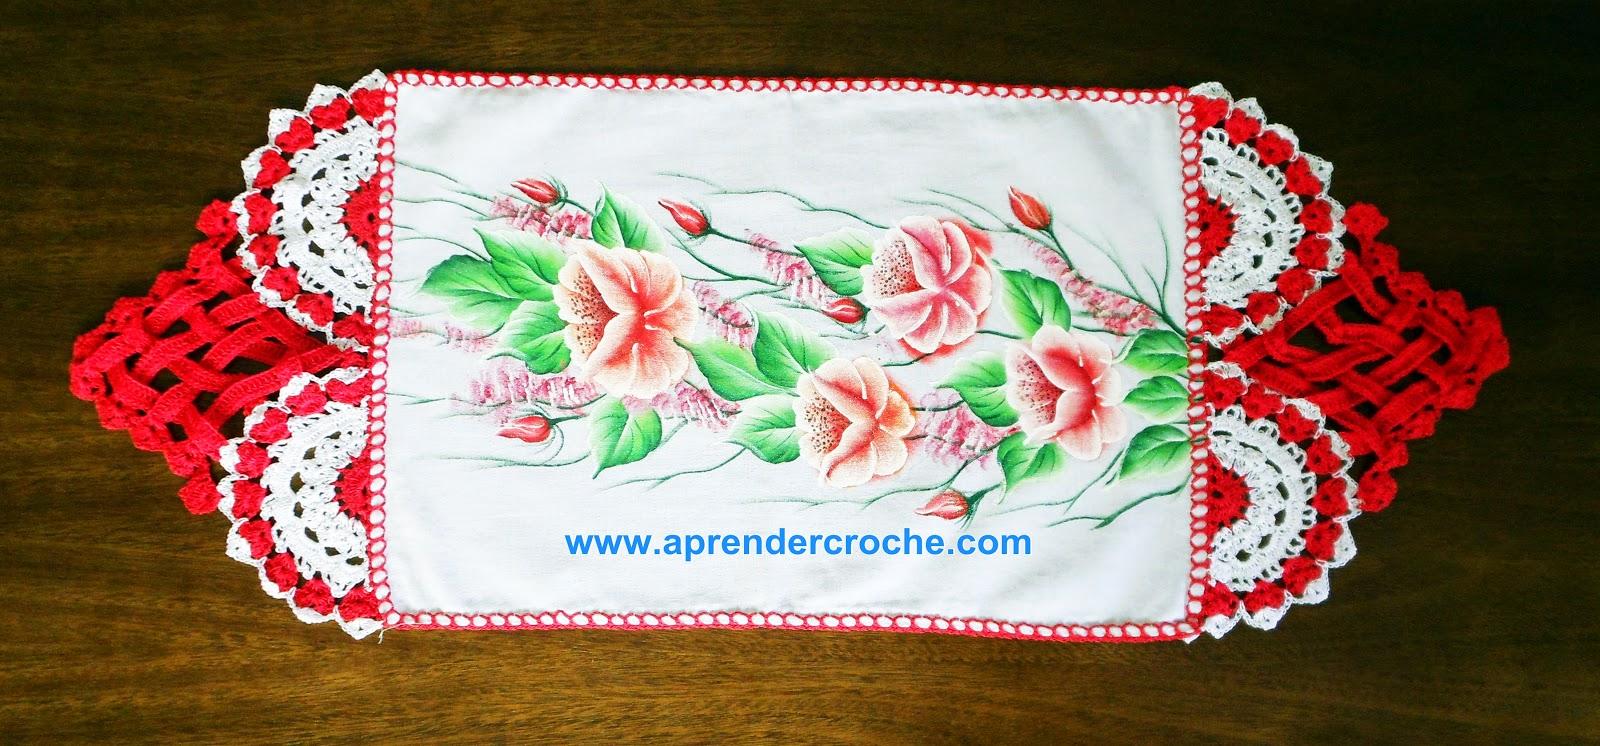 barrados entrelaçados branco vermelho aprender croche dvd edinir-croche panos de copa cozinha mesa loja frete gratis